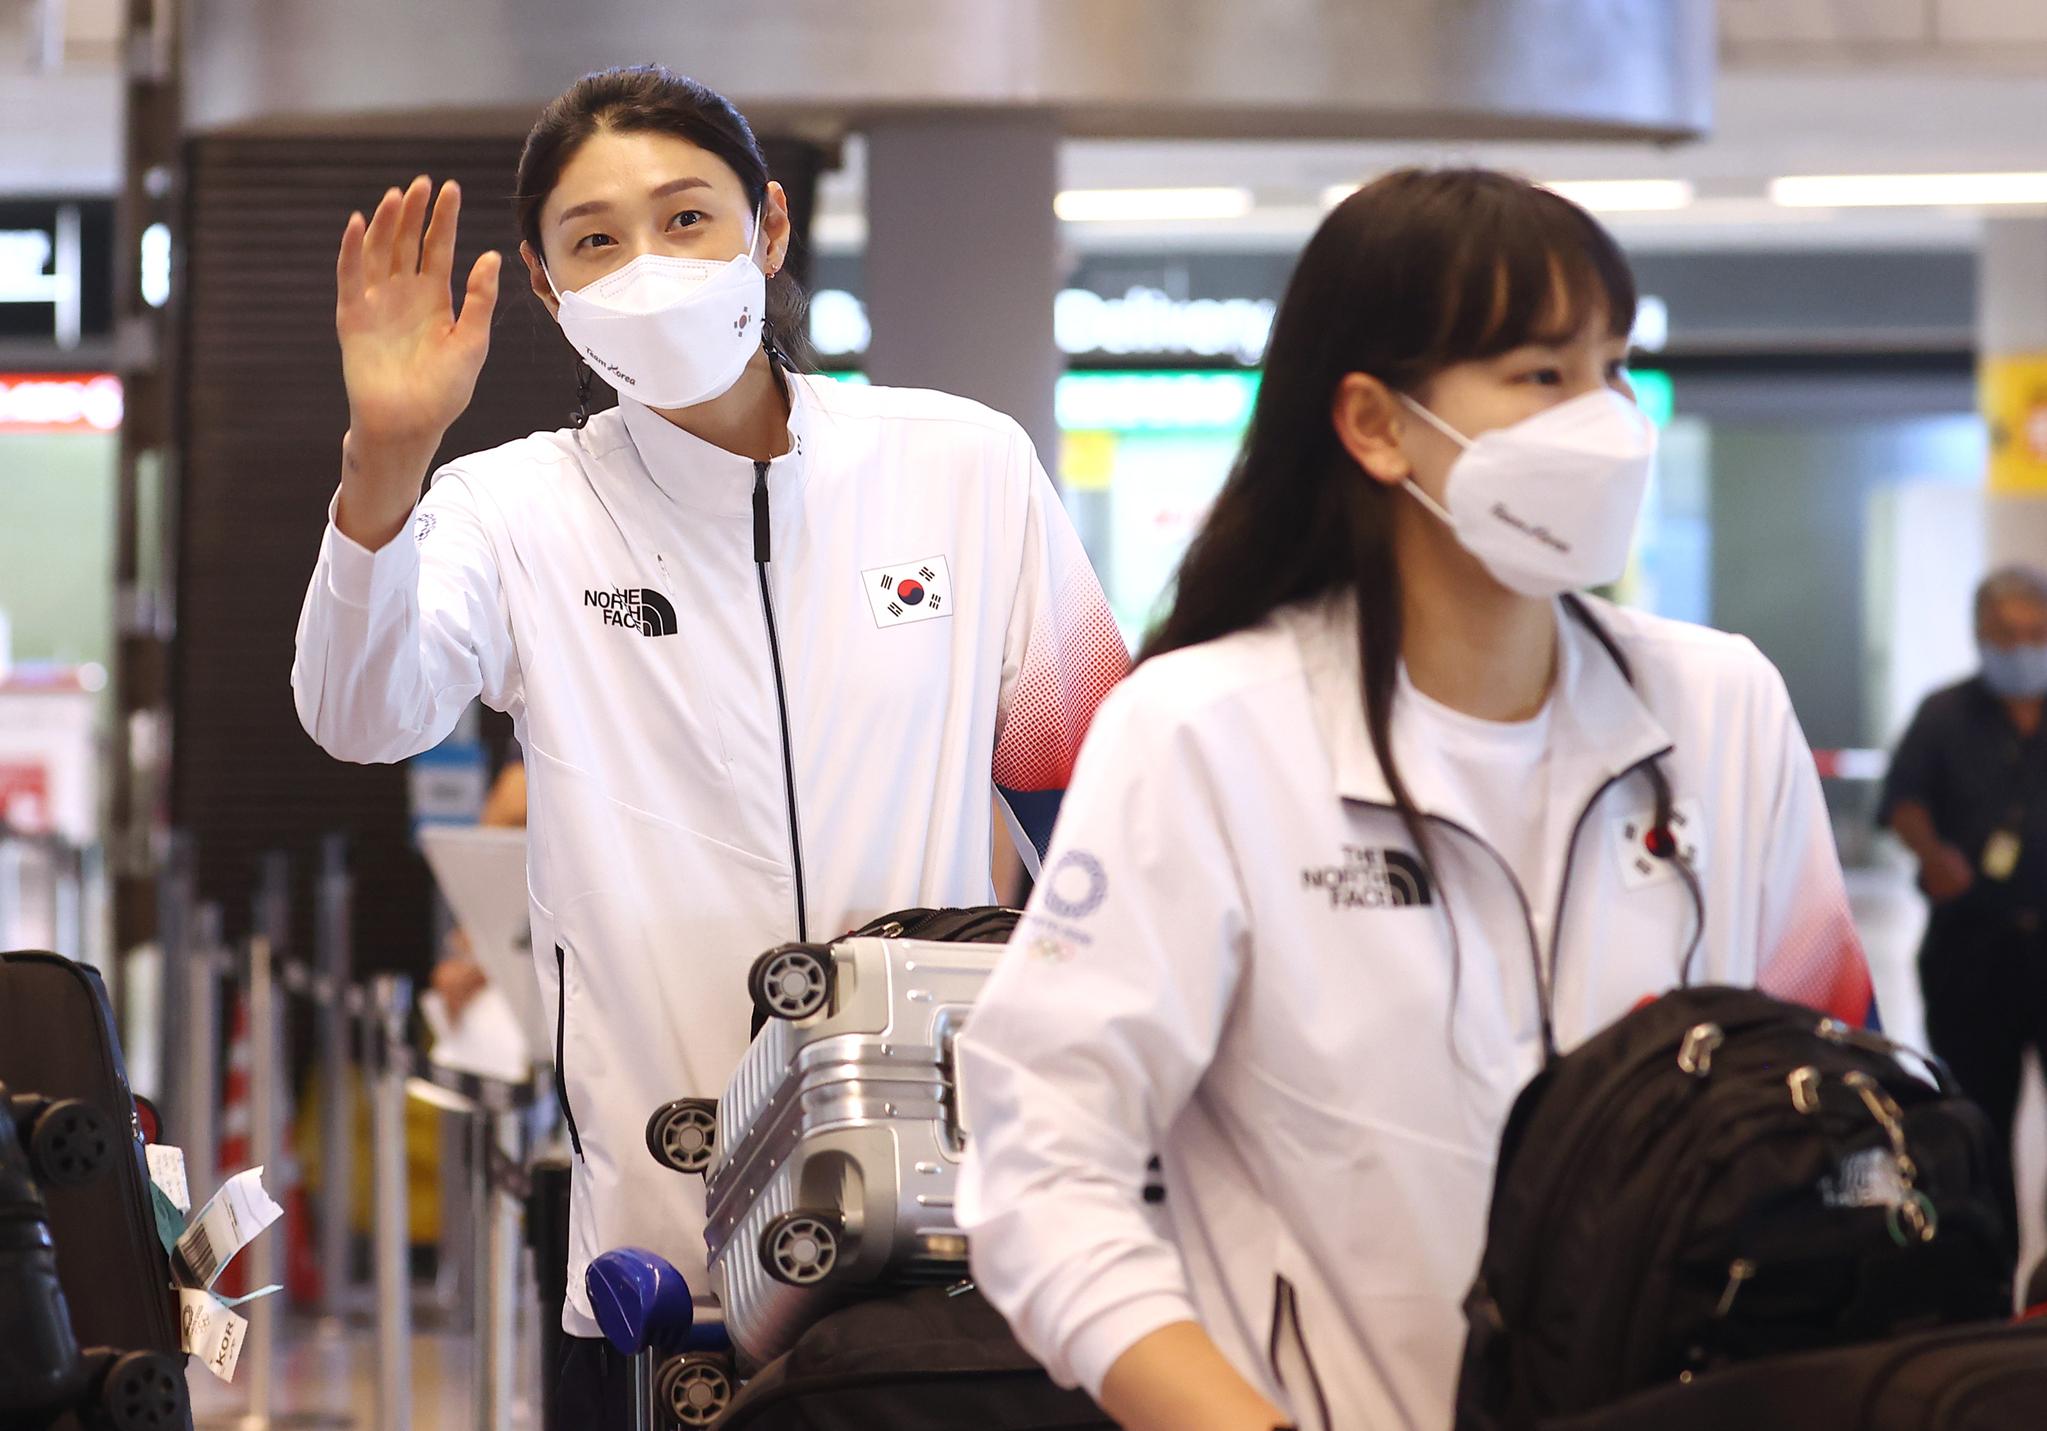 배구 국가대표 김연경 등 선수들이 20일 도쿄올림픽 출전을 위해 나리타 국제공항으로 입국하고 있다. 연합뉴스